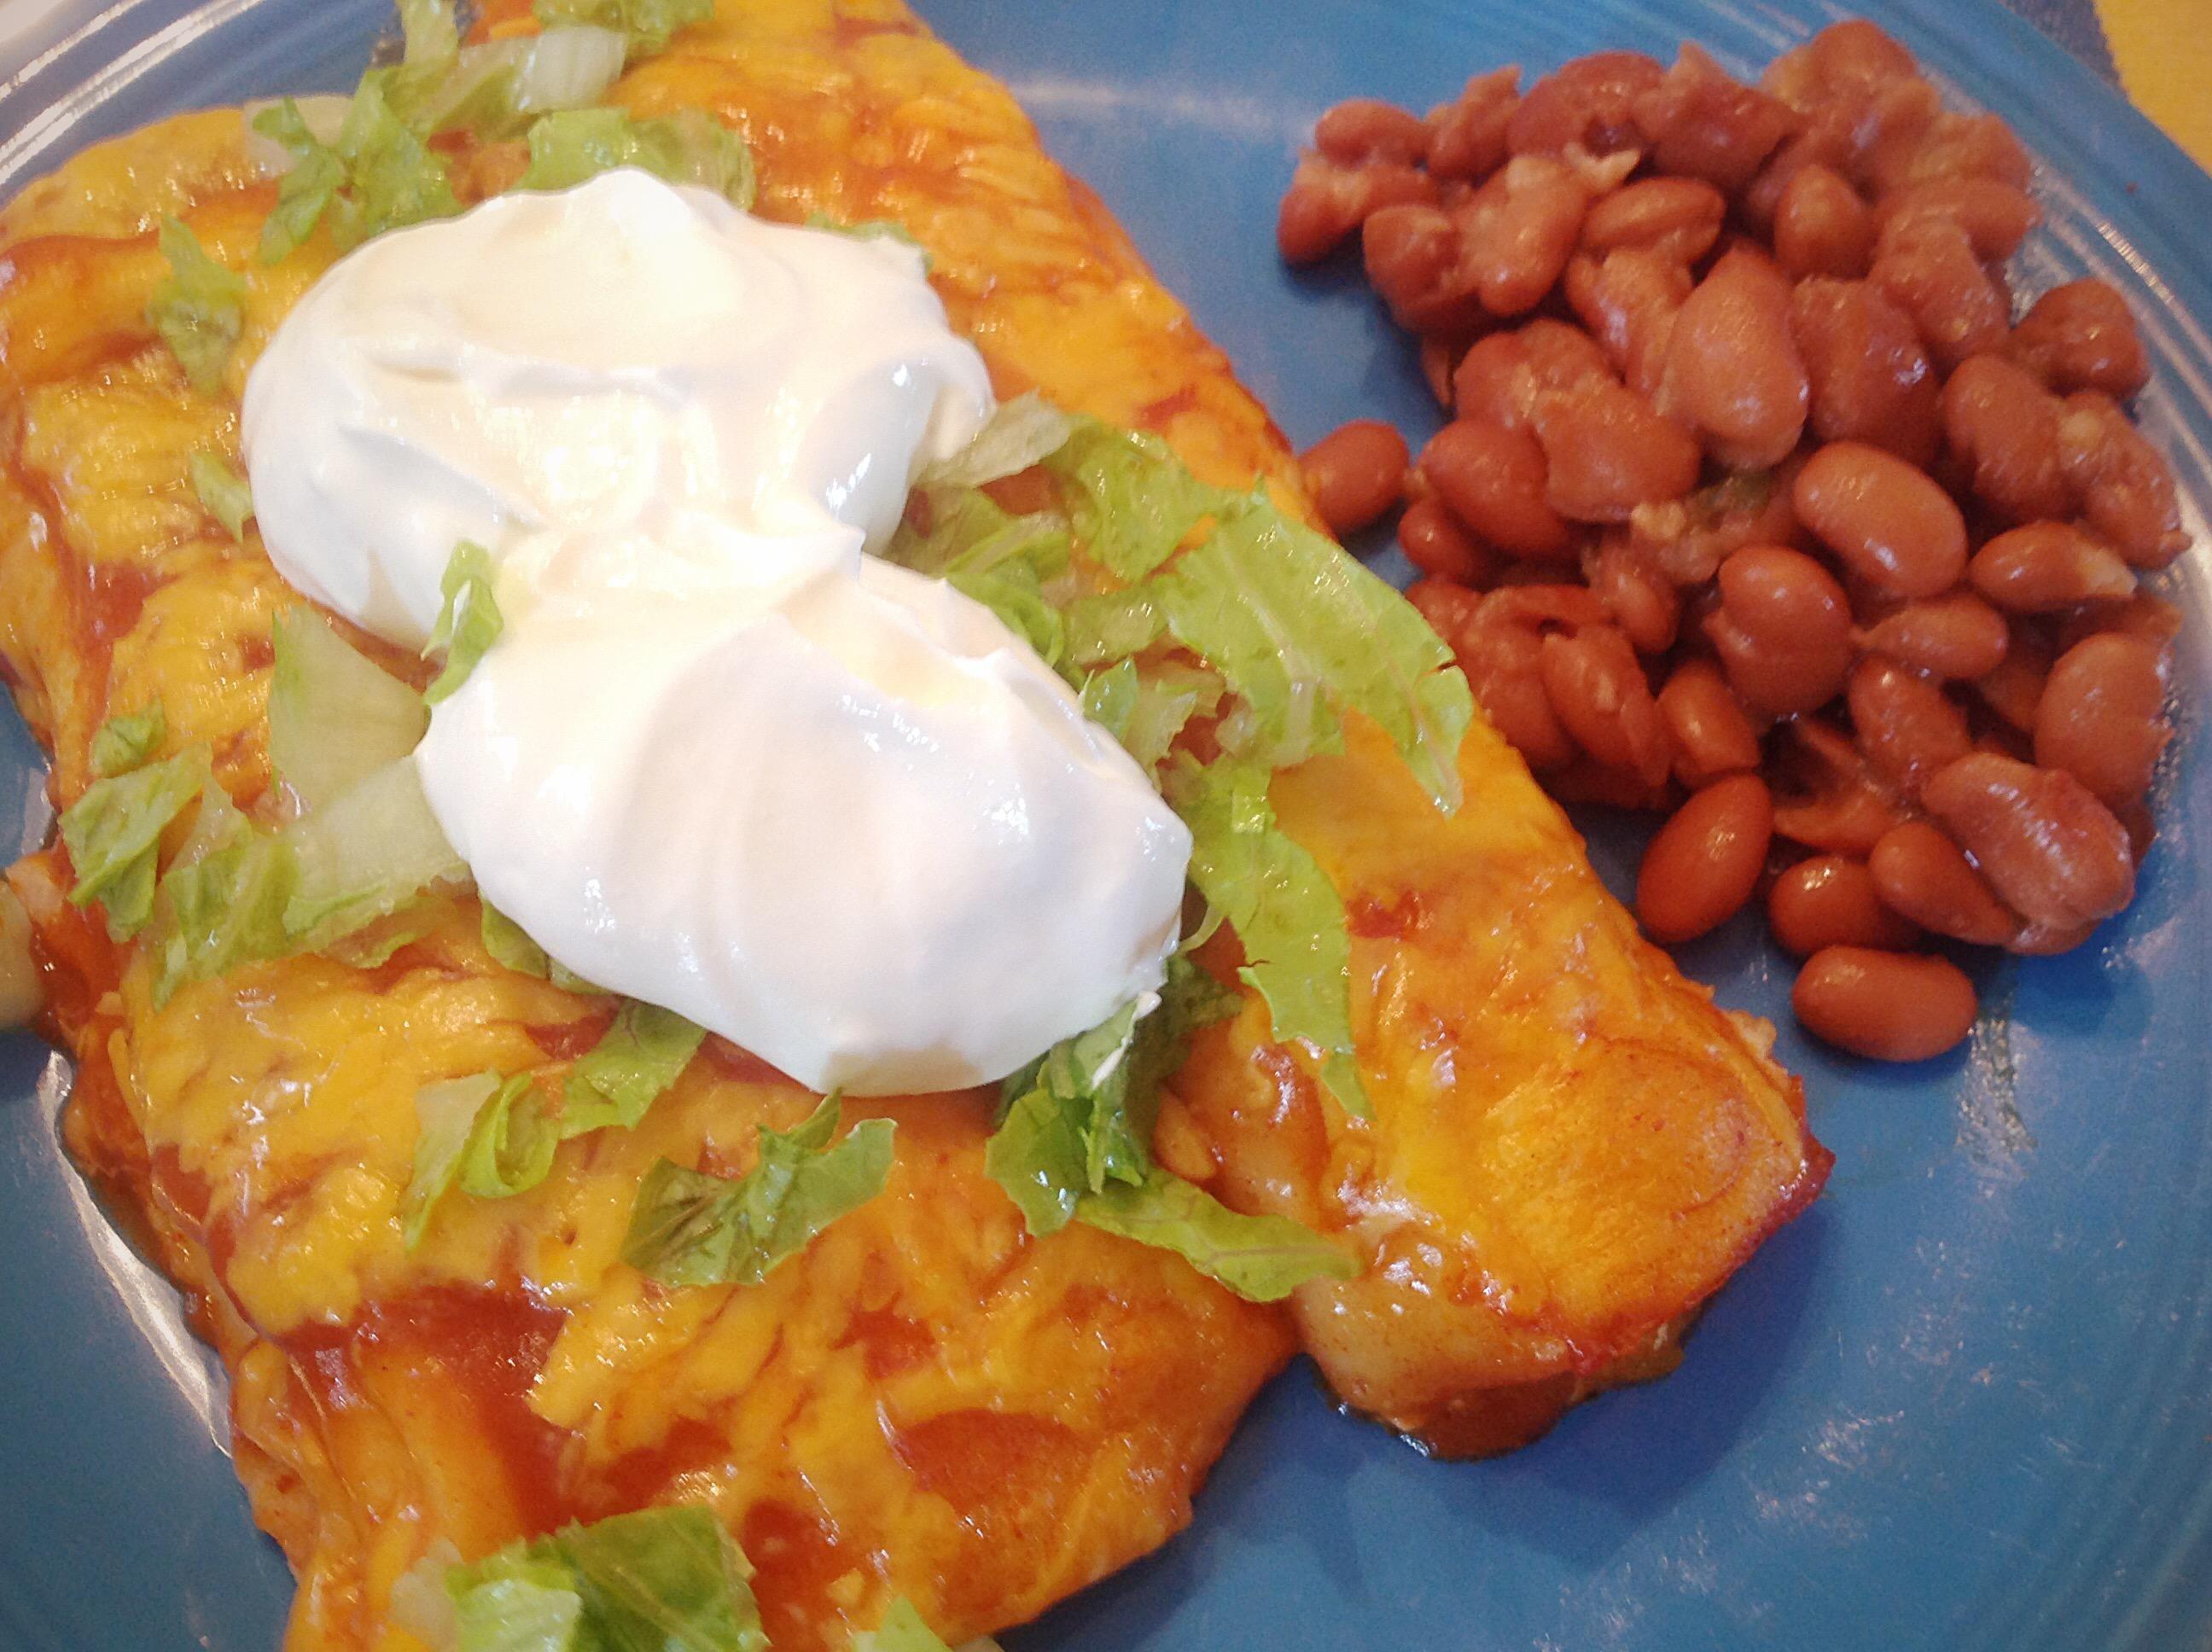 Wet burritos [homemade] http://ift.tt/2dGSshu